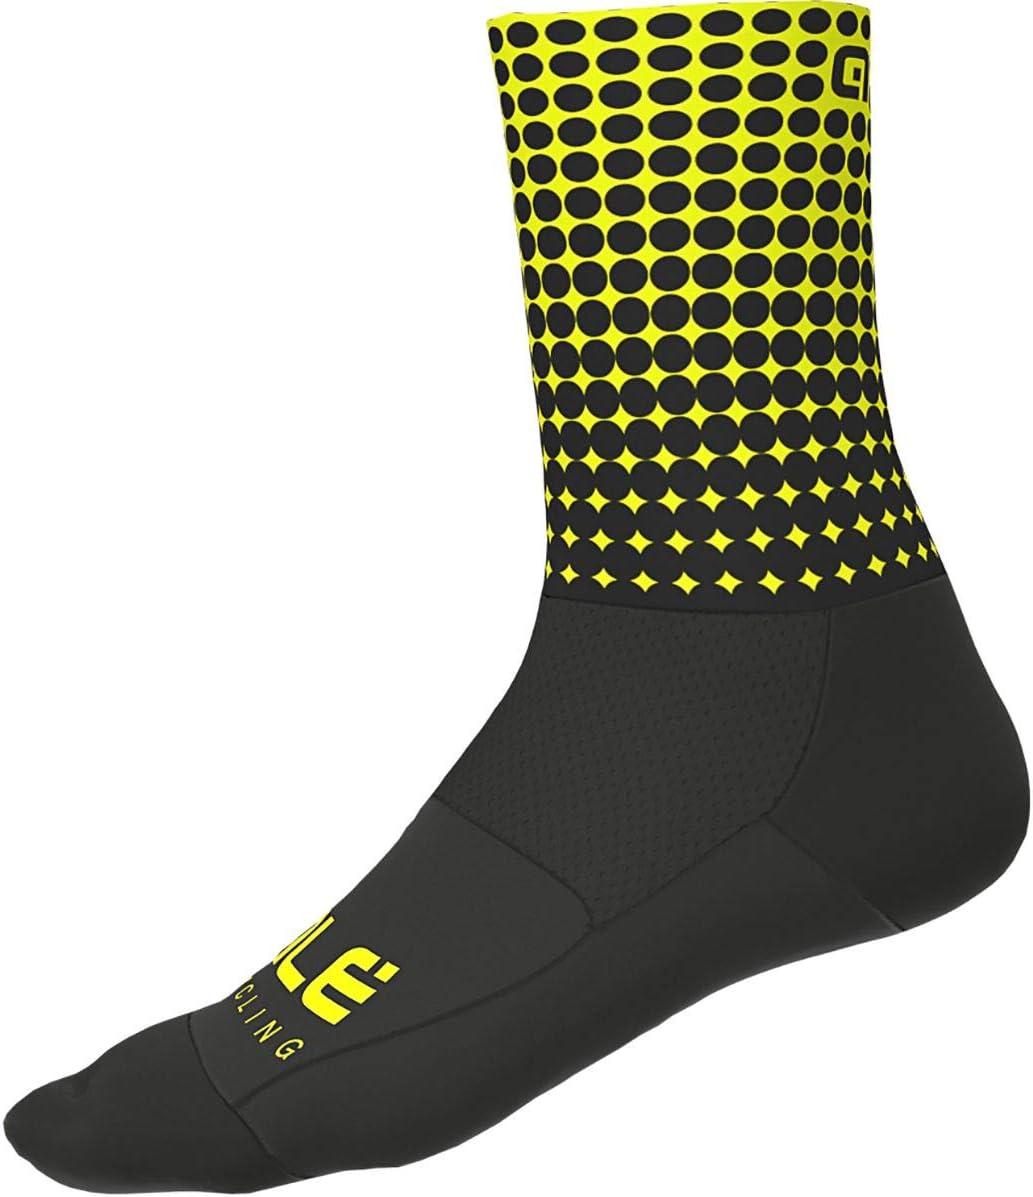 color negro y amarillo 16 cm Calcetines para ciclismo Al/é Cycling Dots 2020